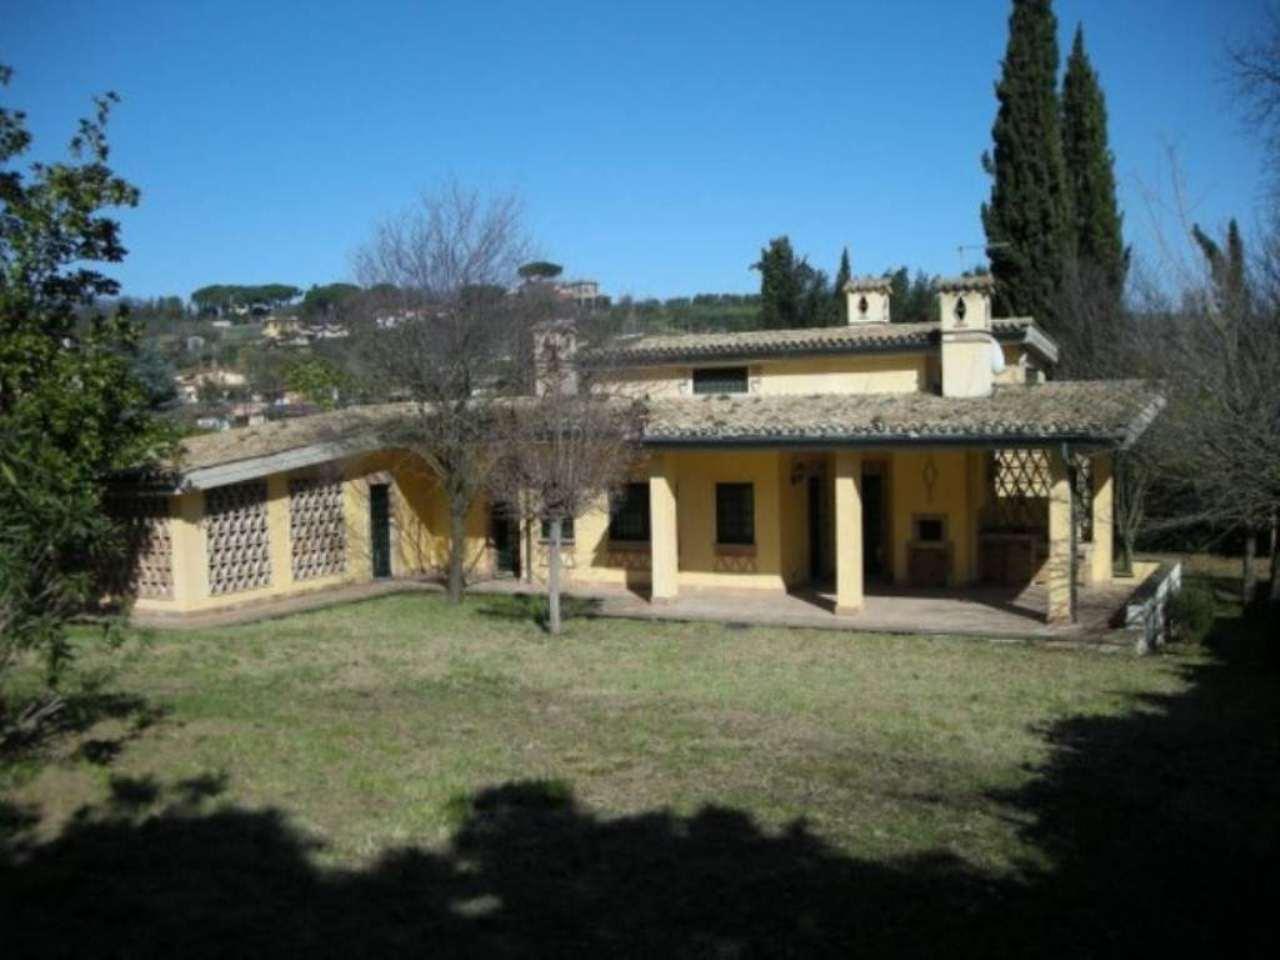 Villa in vendita a Fonte Nuova, 6 locali, Trattative riservate | CambioCasa.it